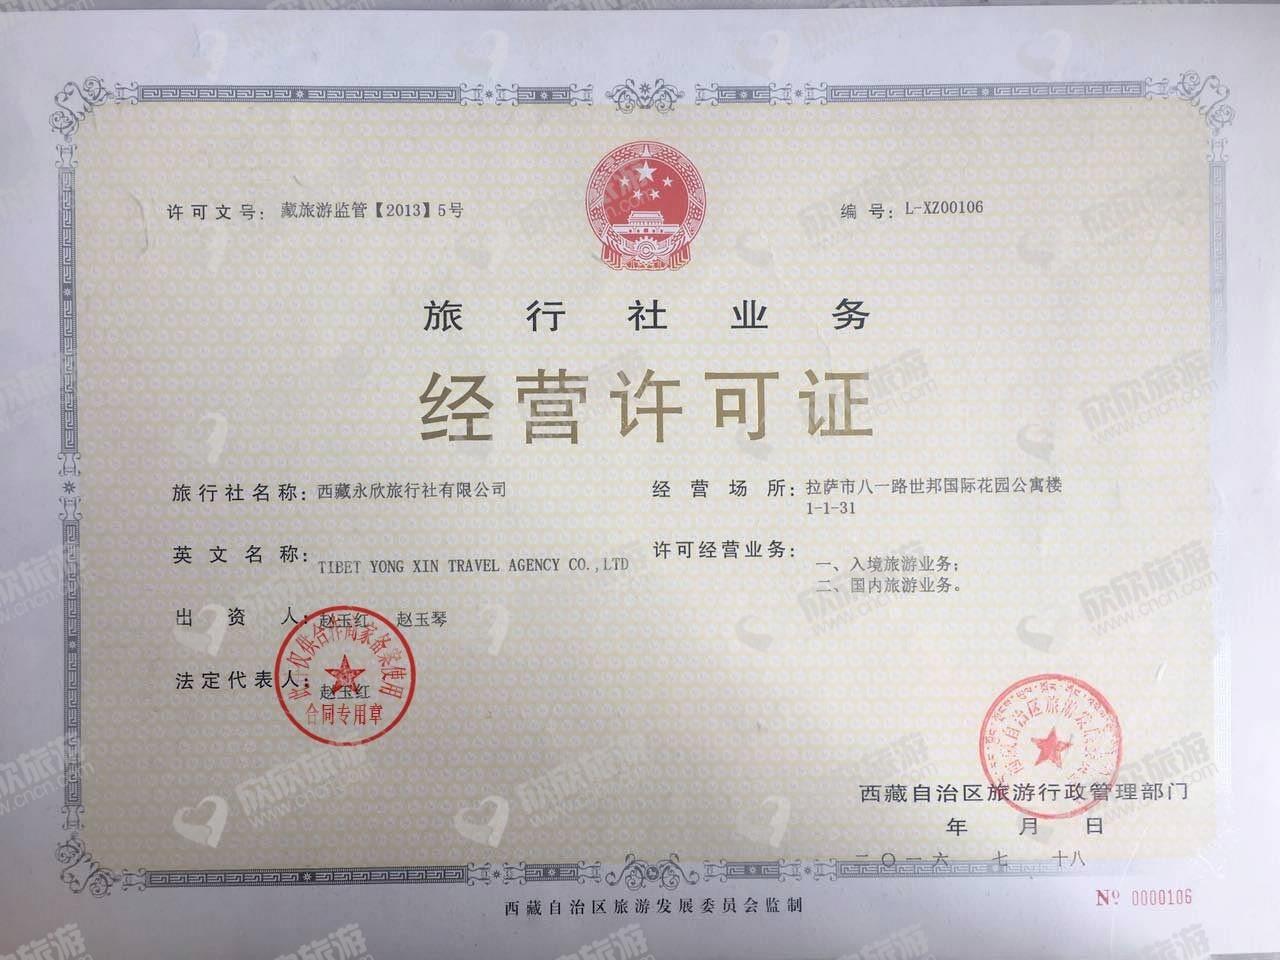 西藏永欣旅行社有限公司经营许可证